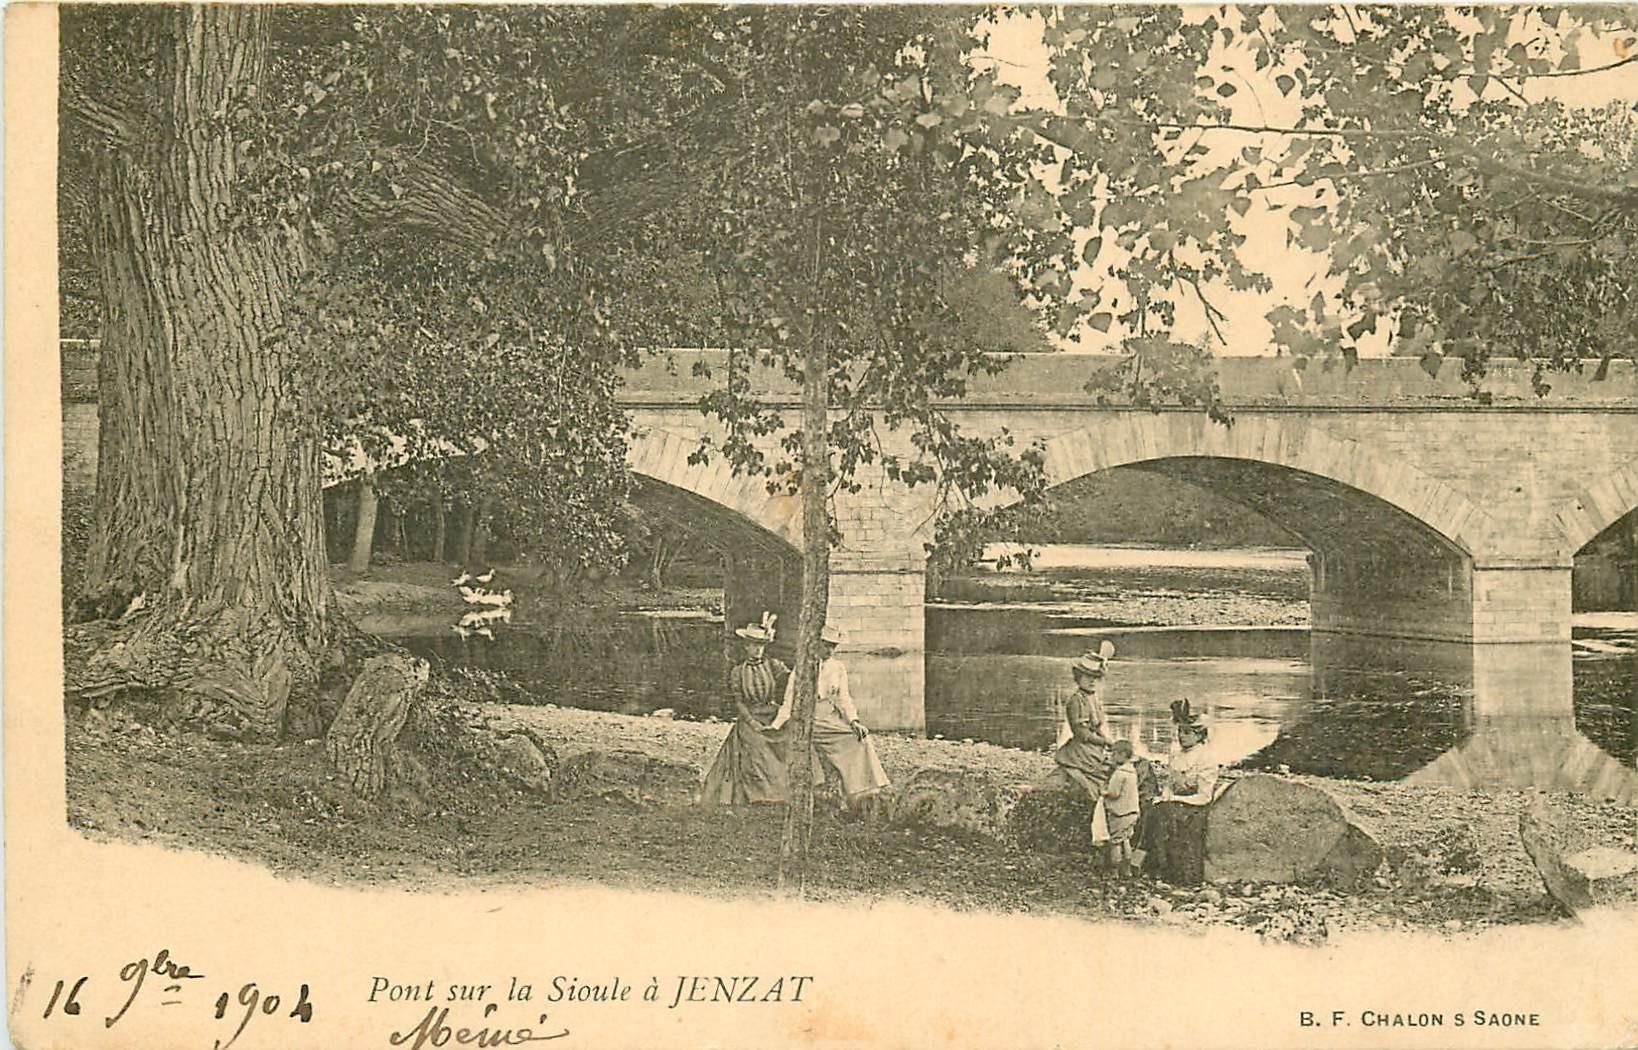 03 JENZAT. Belles élégantes près du Pont sur la Sioule 1904